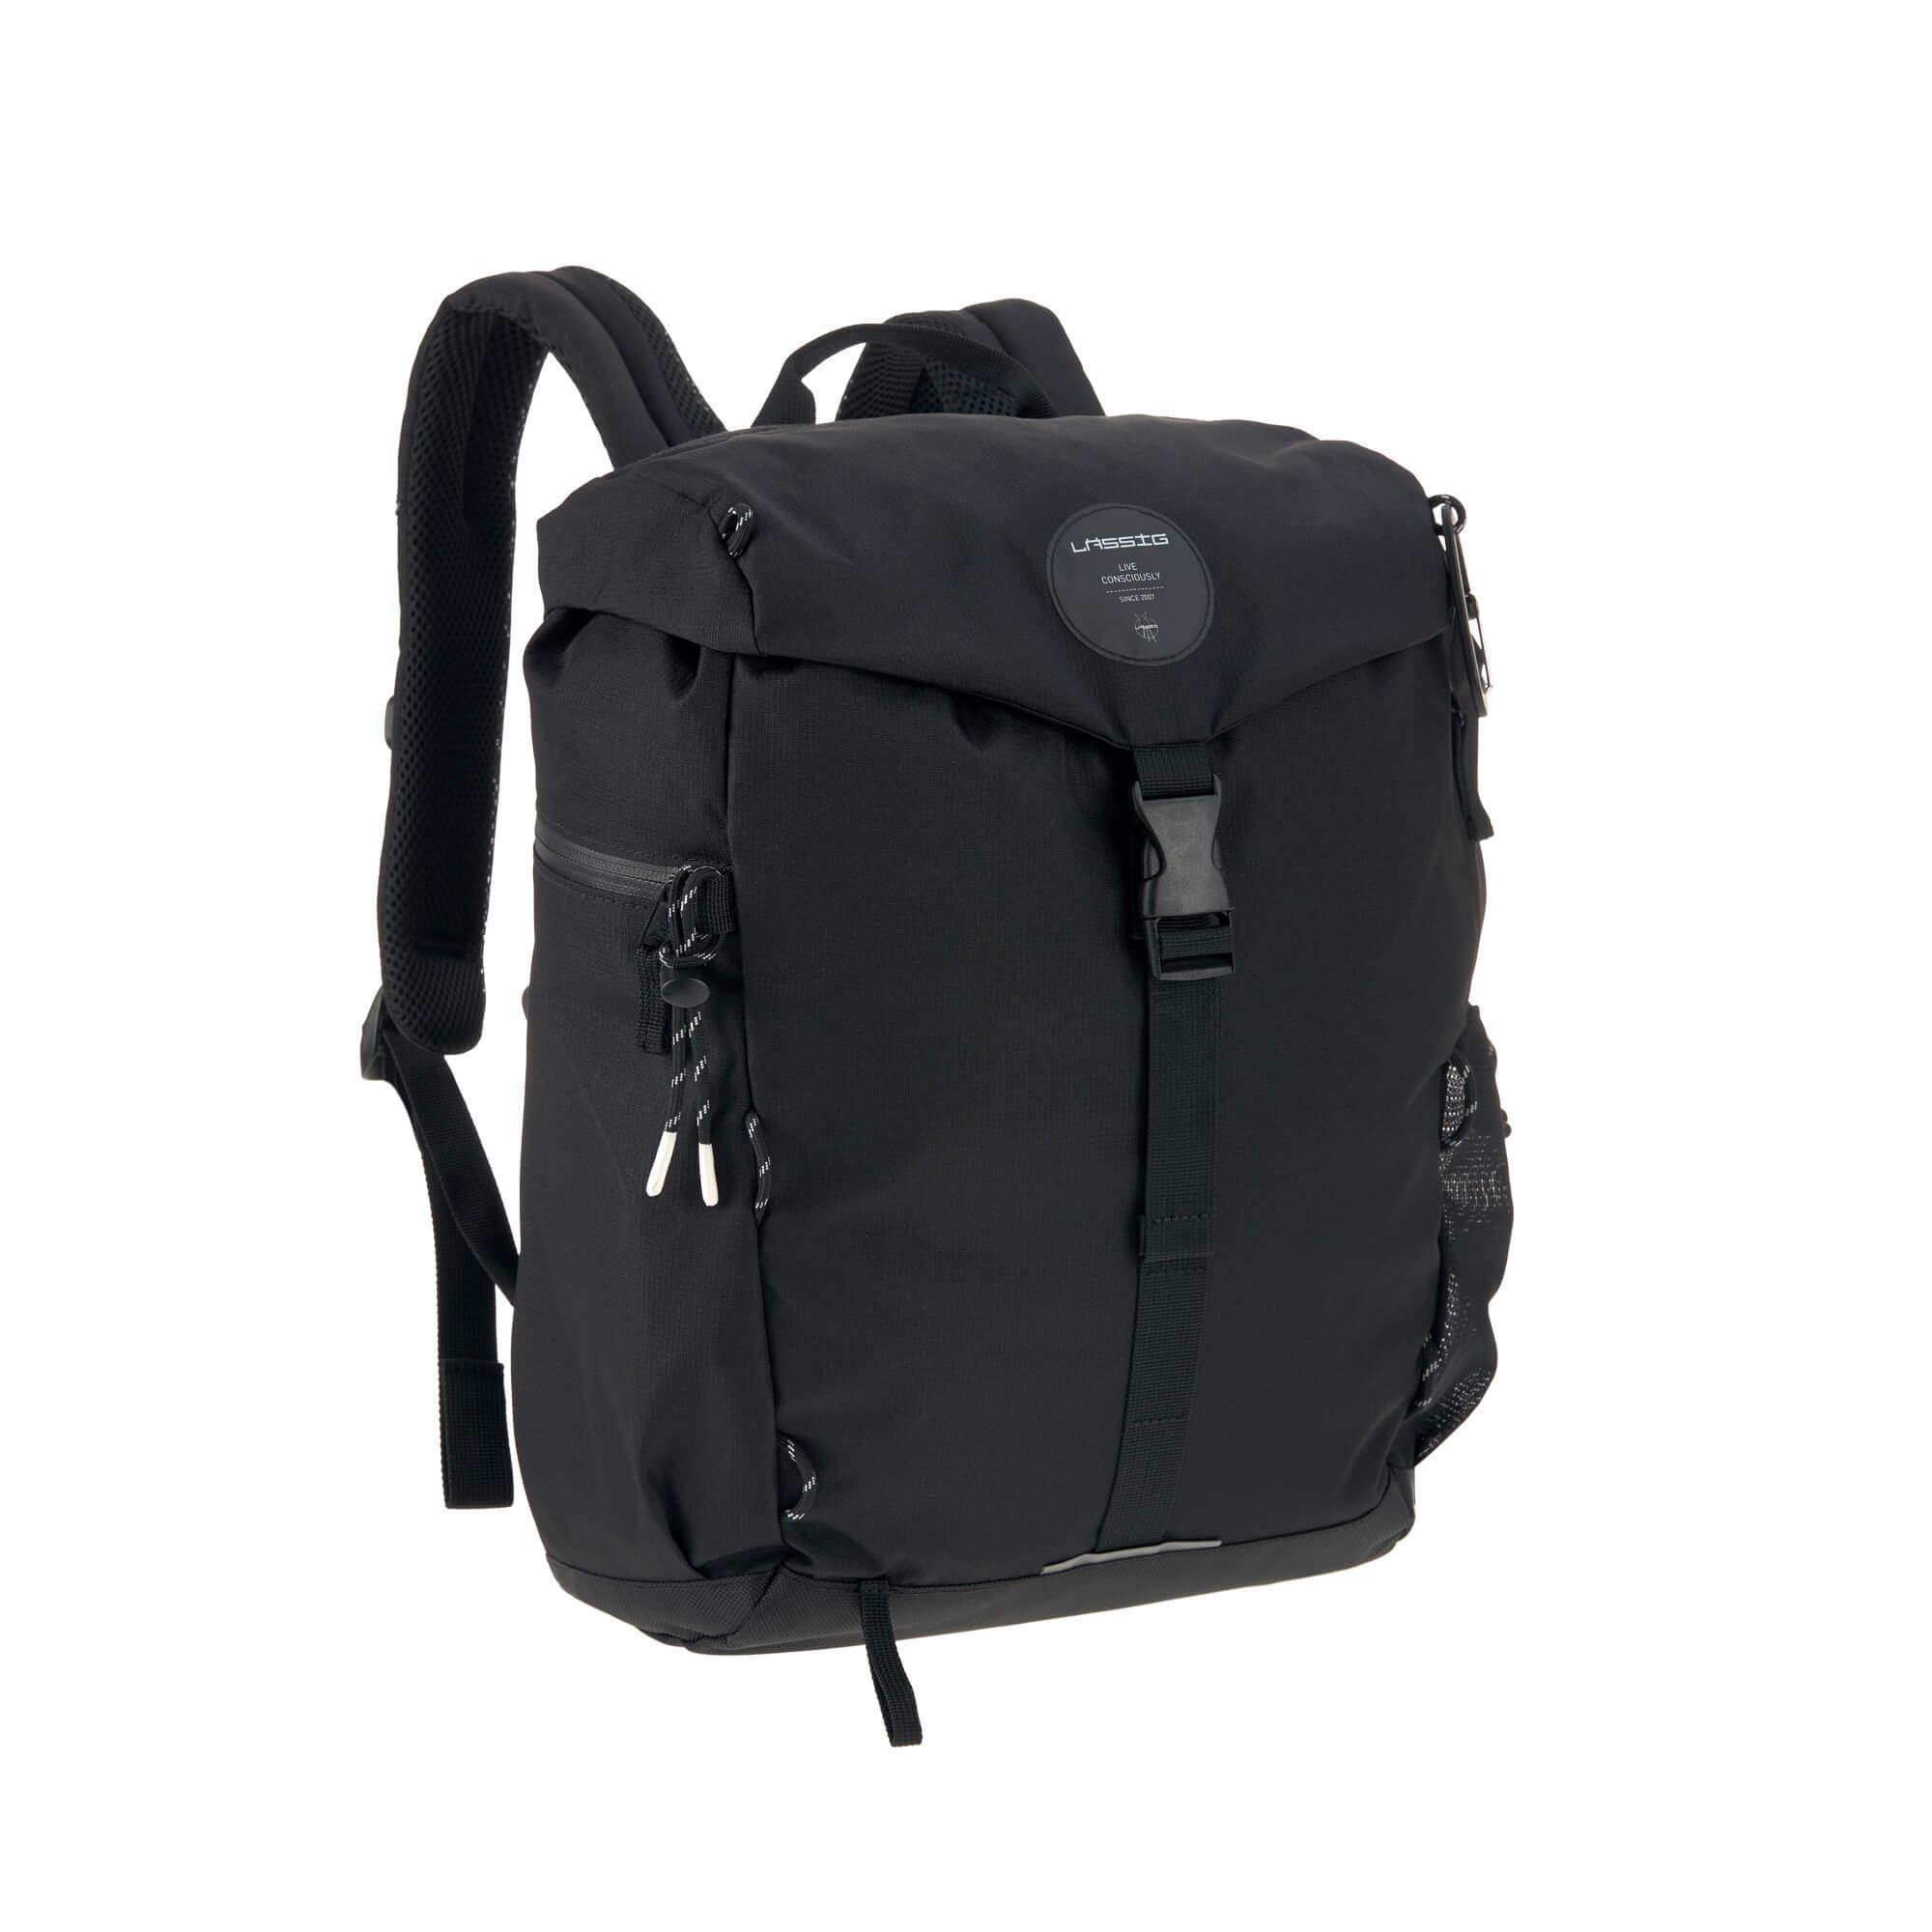 Wickelrucksack Outdoor Backpack, Black